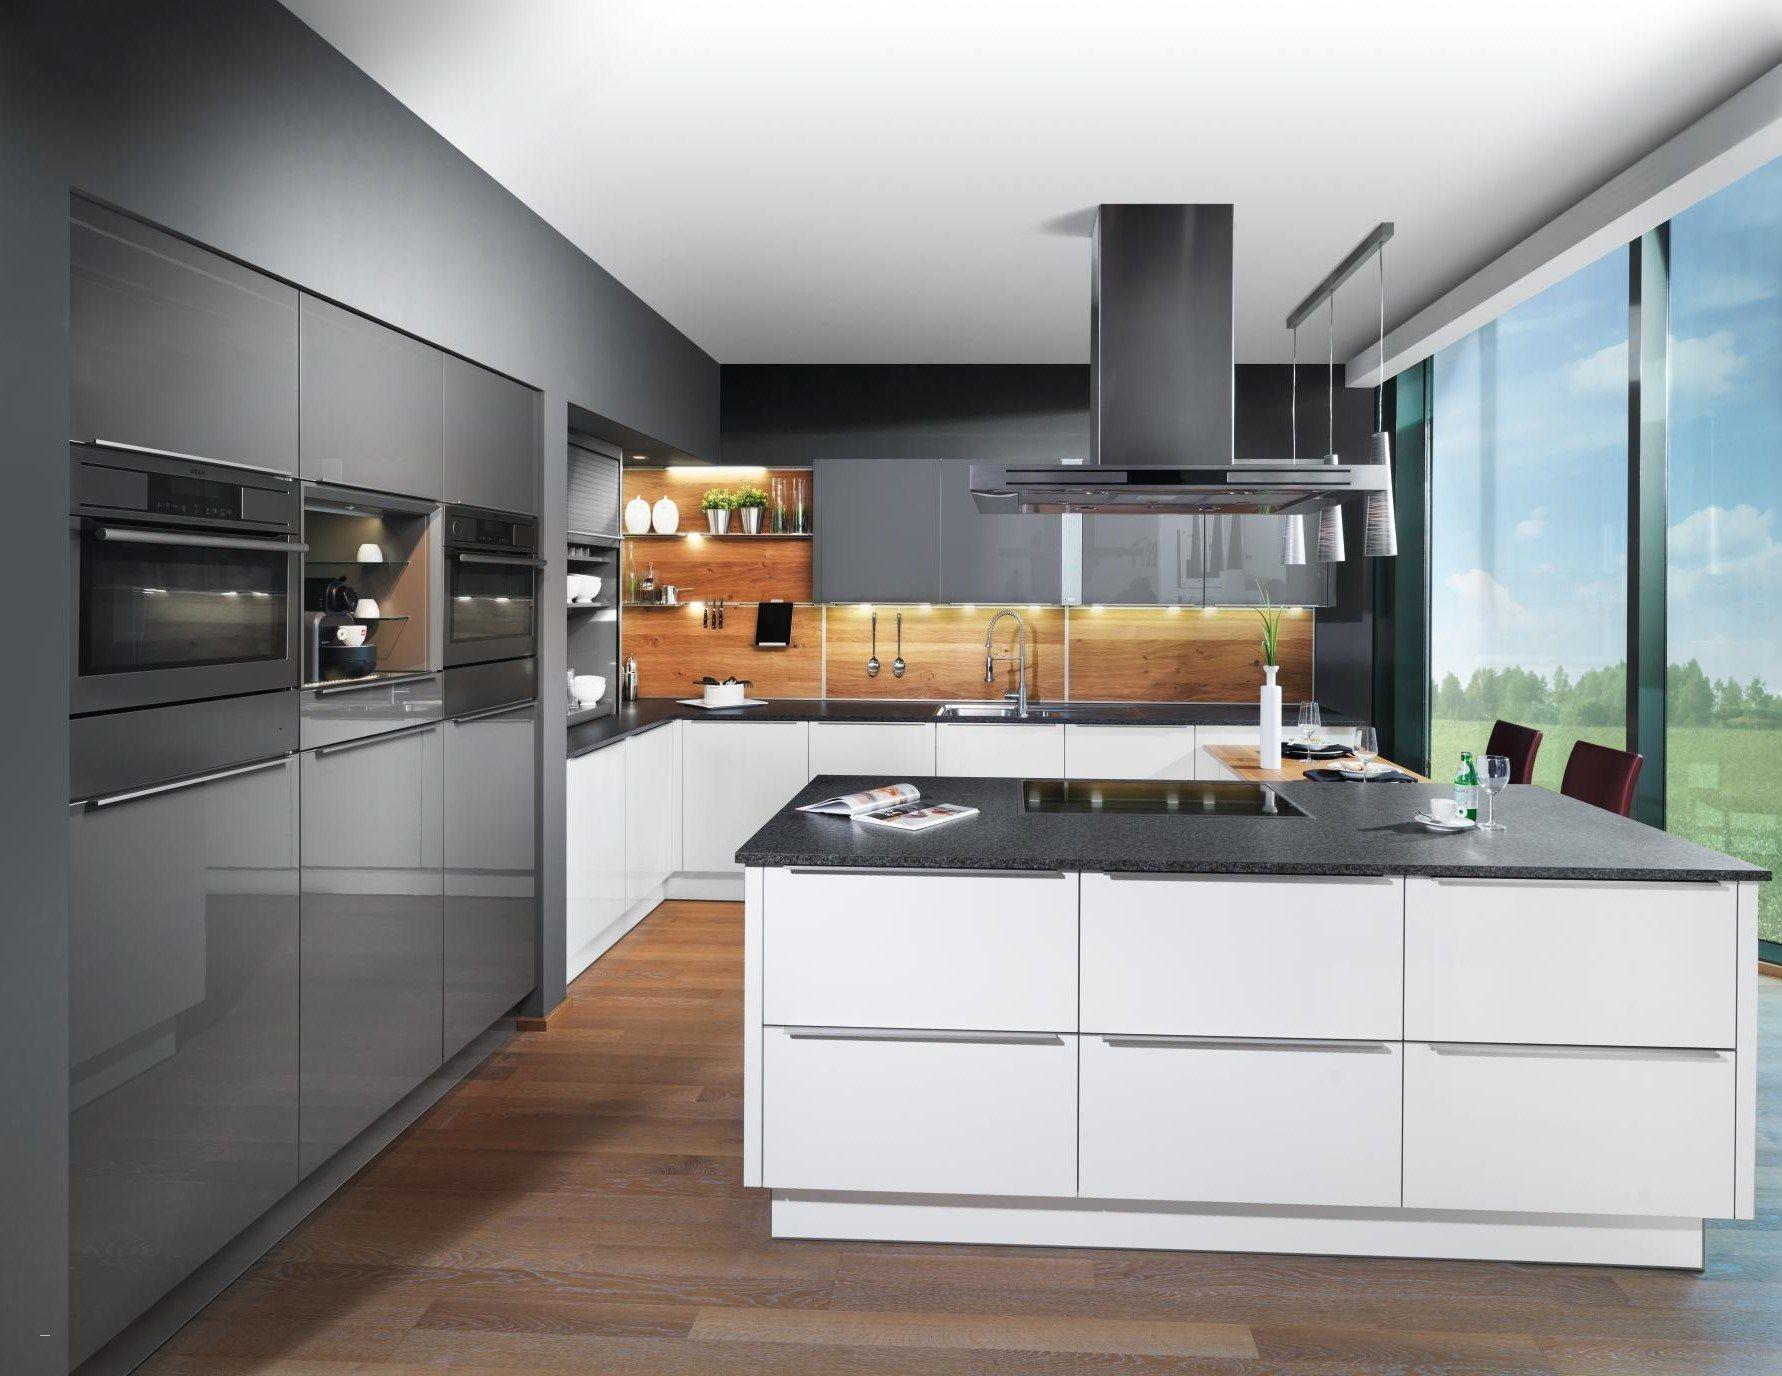 Kuche Mit Holzboden Beliebt Kuchen Wandfliesen Modern Magnolia Kuche Welche Fliesen Home Design Kuche Luxus Moderne Kuche Kuche Anthrazit